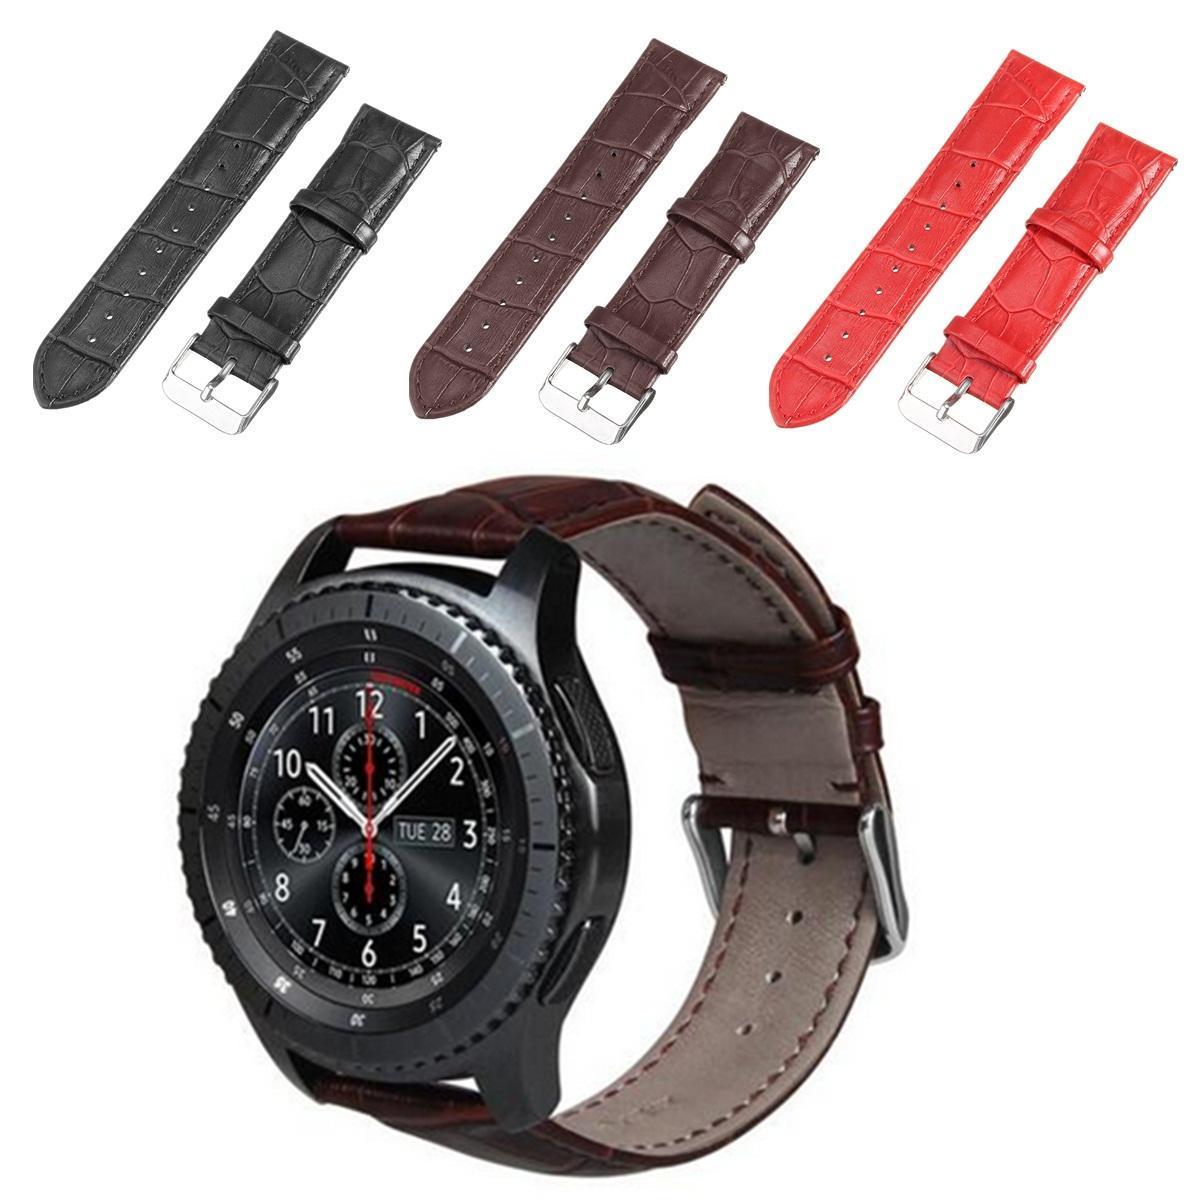 Ремень стоимость часов кожаный для констант фредерико ломбард москва часов